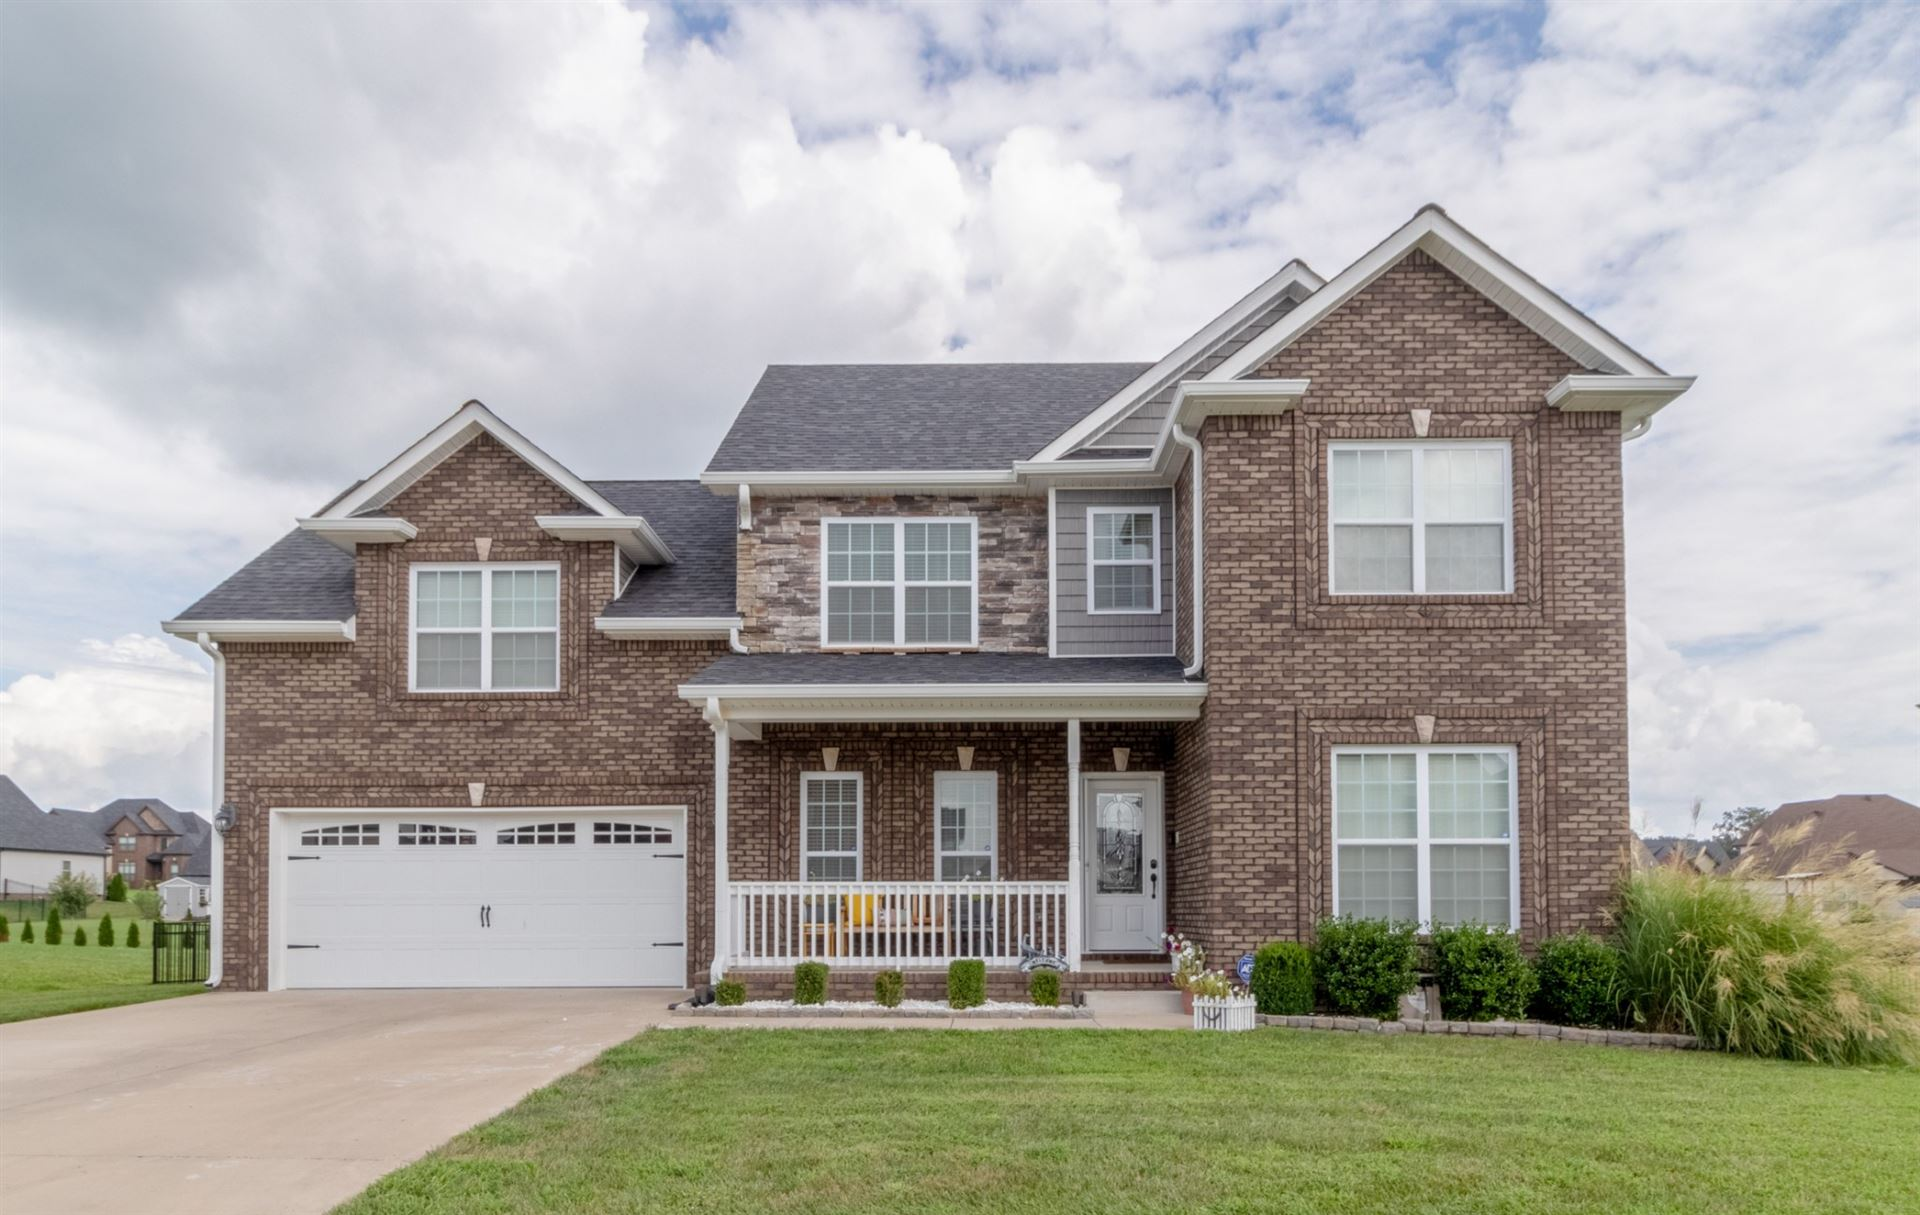 202 Josie Ln, Clarksville, TN 37043 - MLS#: 2284417